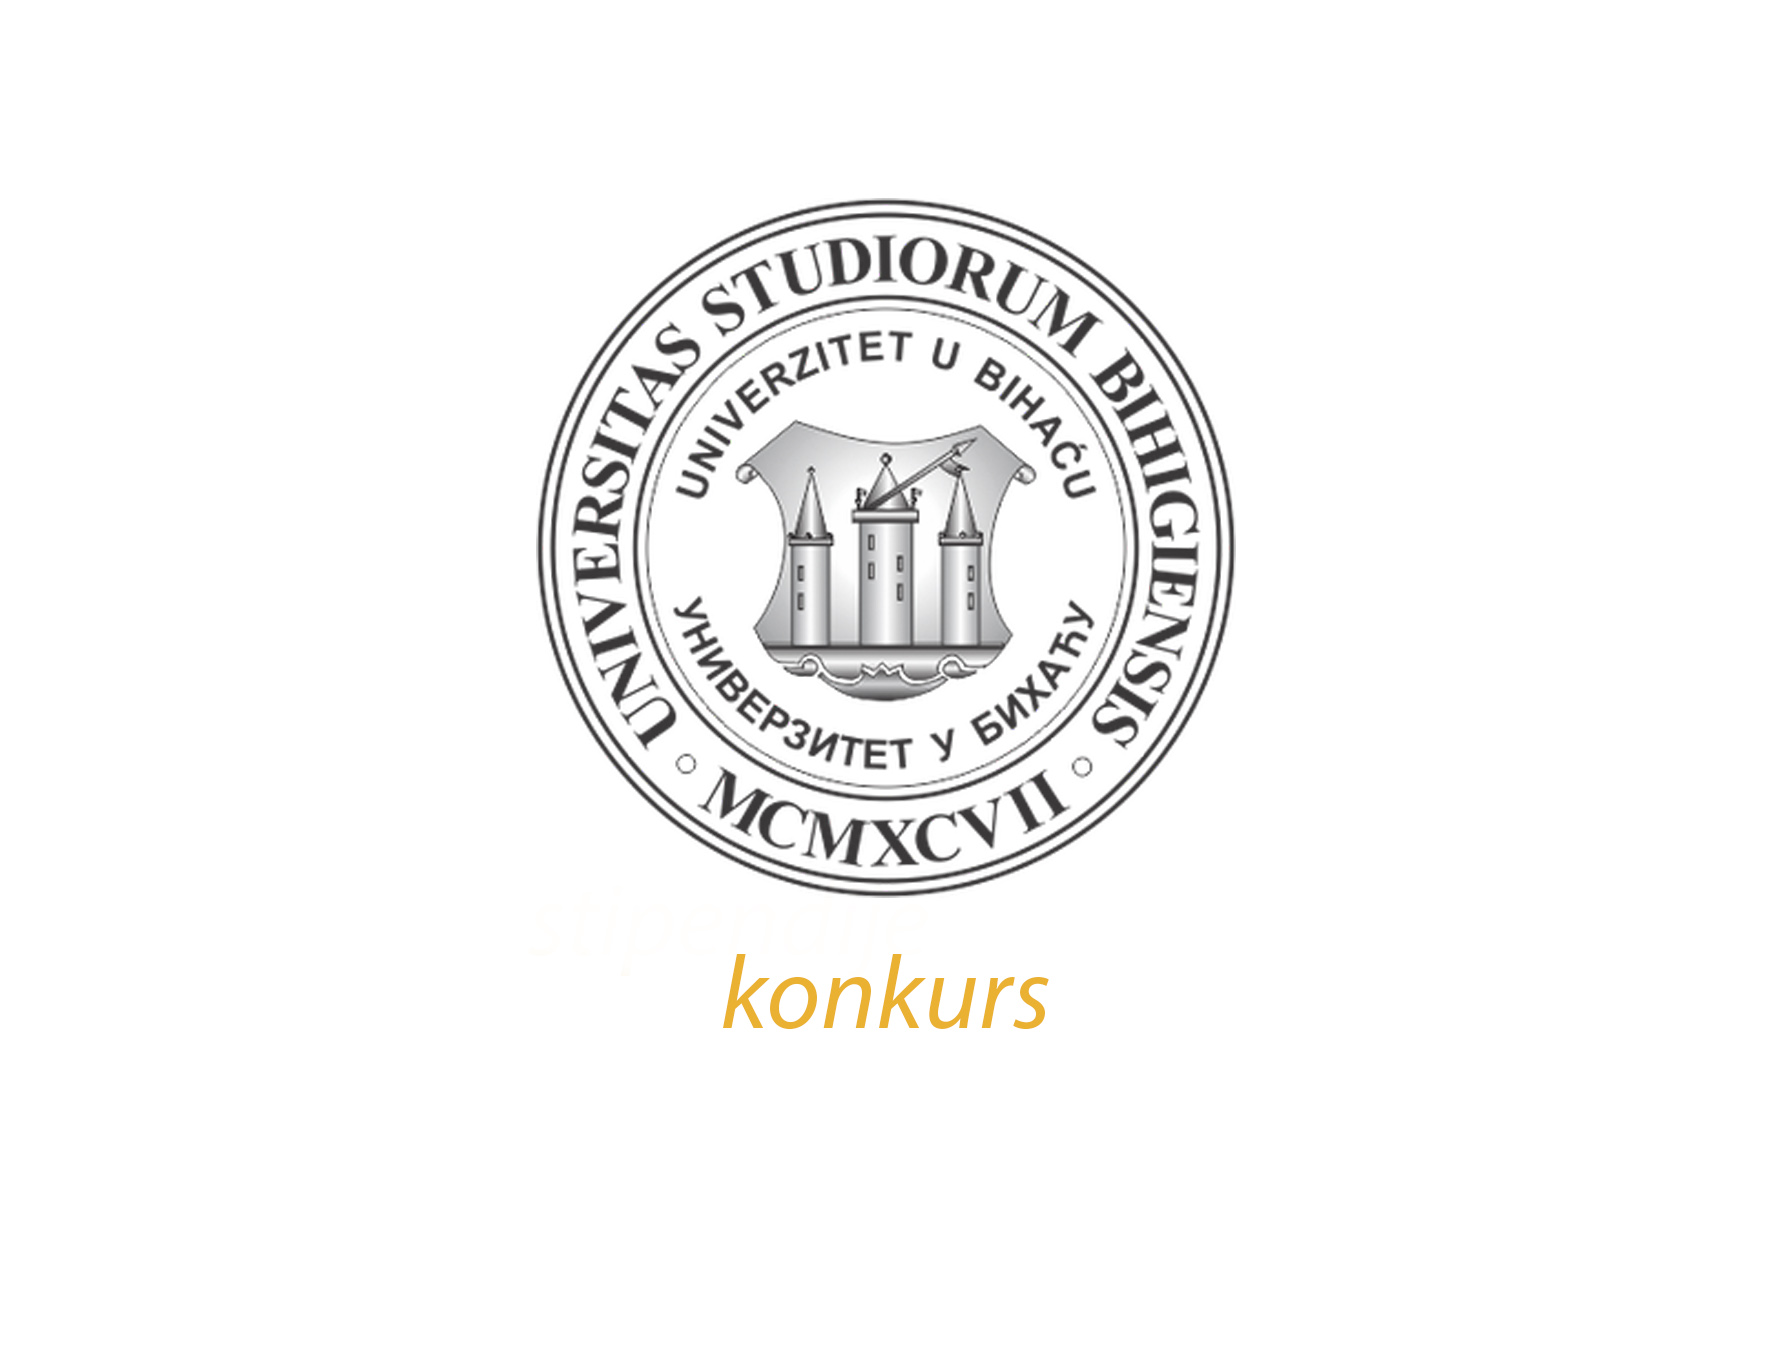 Konkurs za dekane Univerziteta u Bihaću